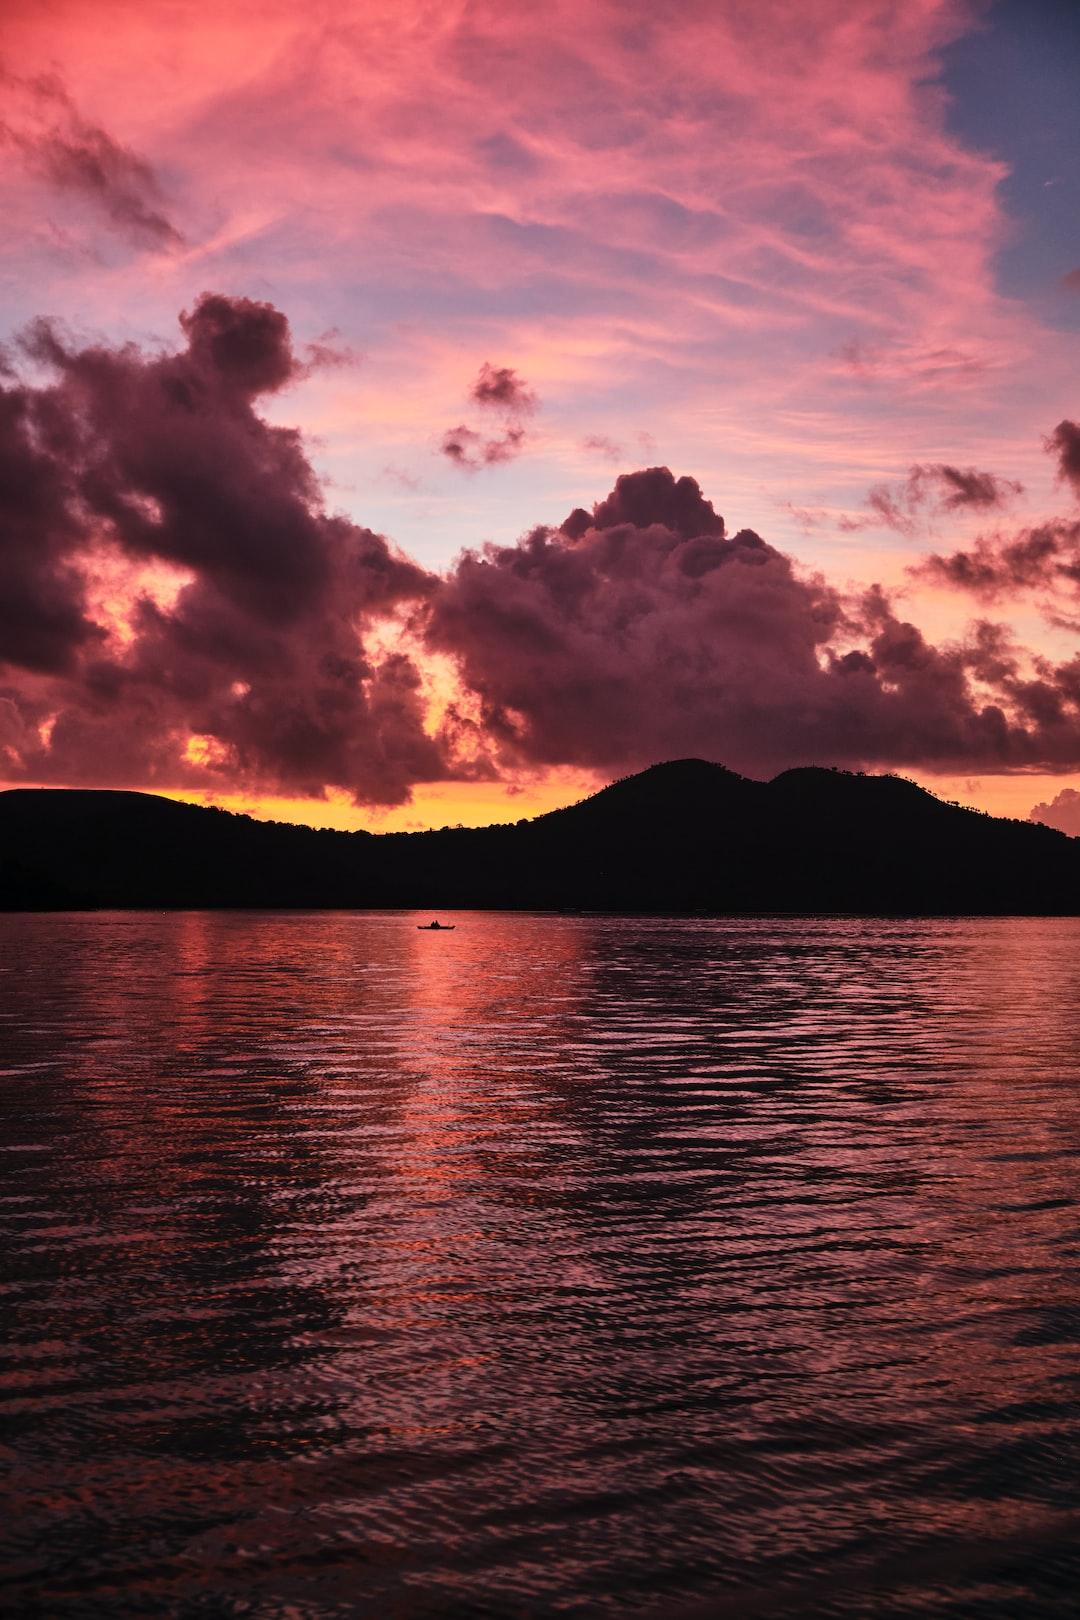 Sunset on Coron